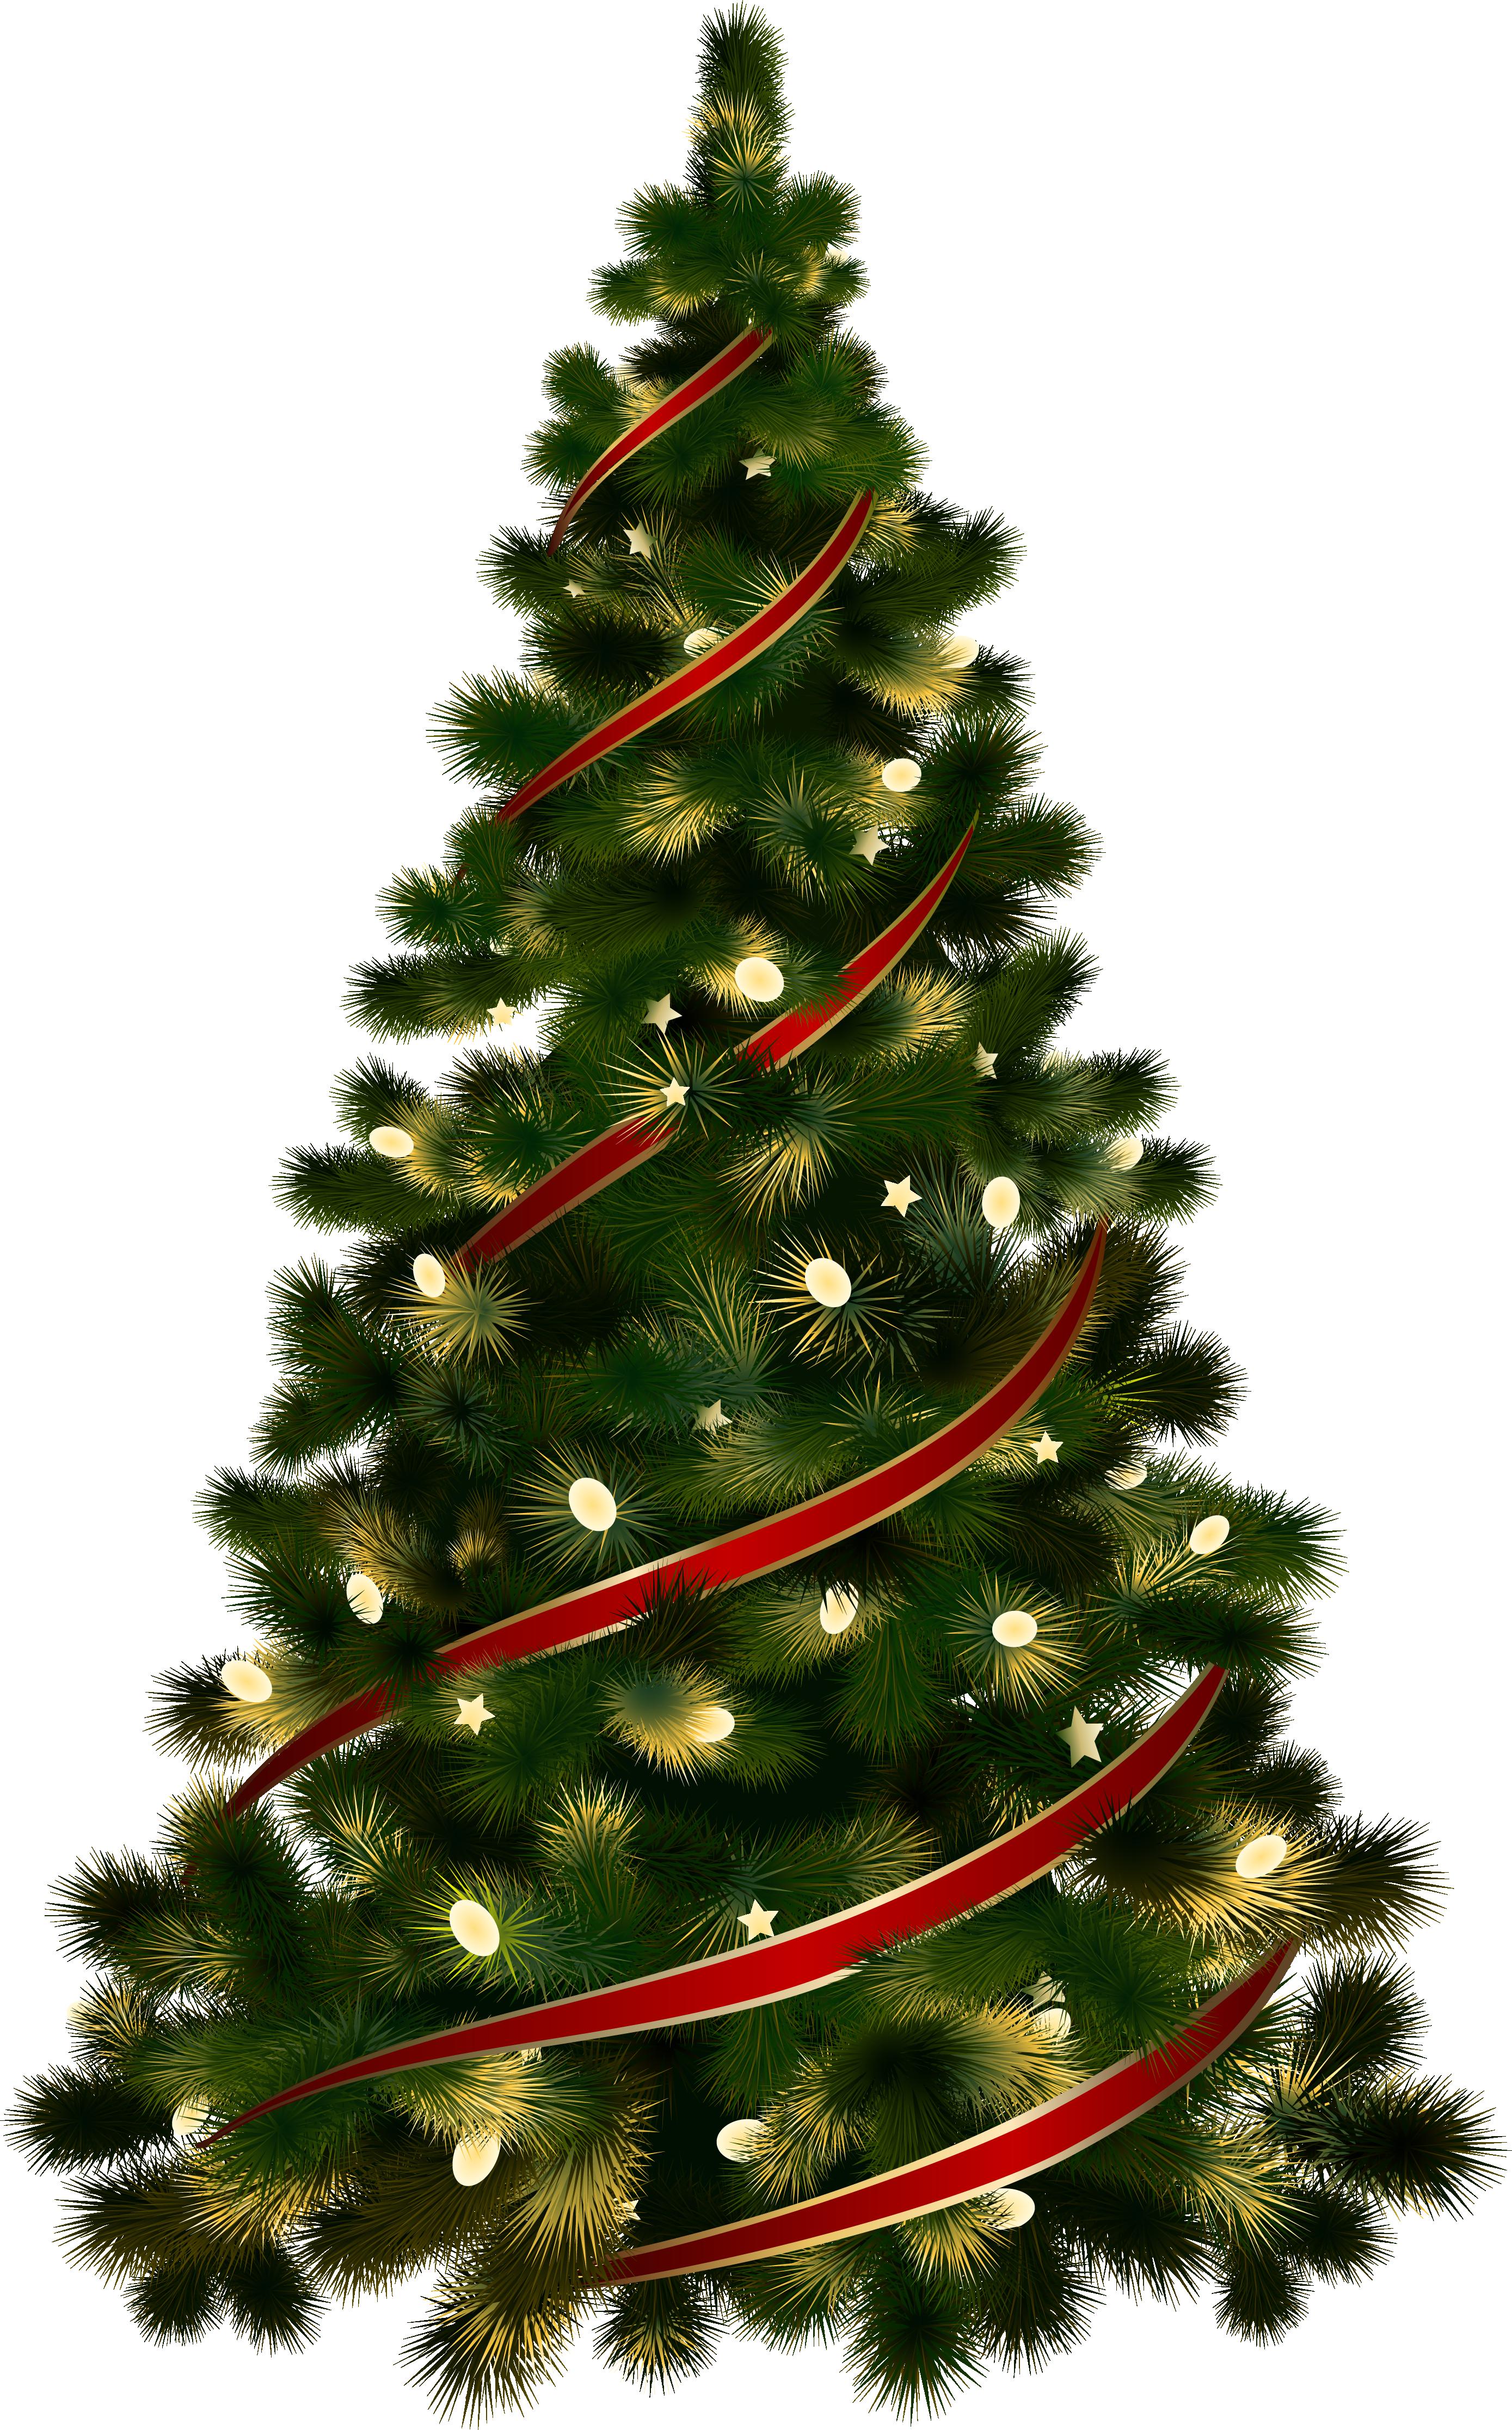 Holiday Christmas Tree PNG Image